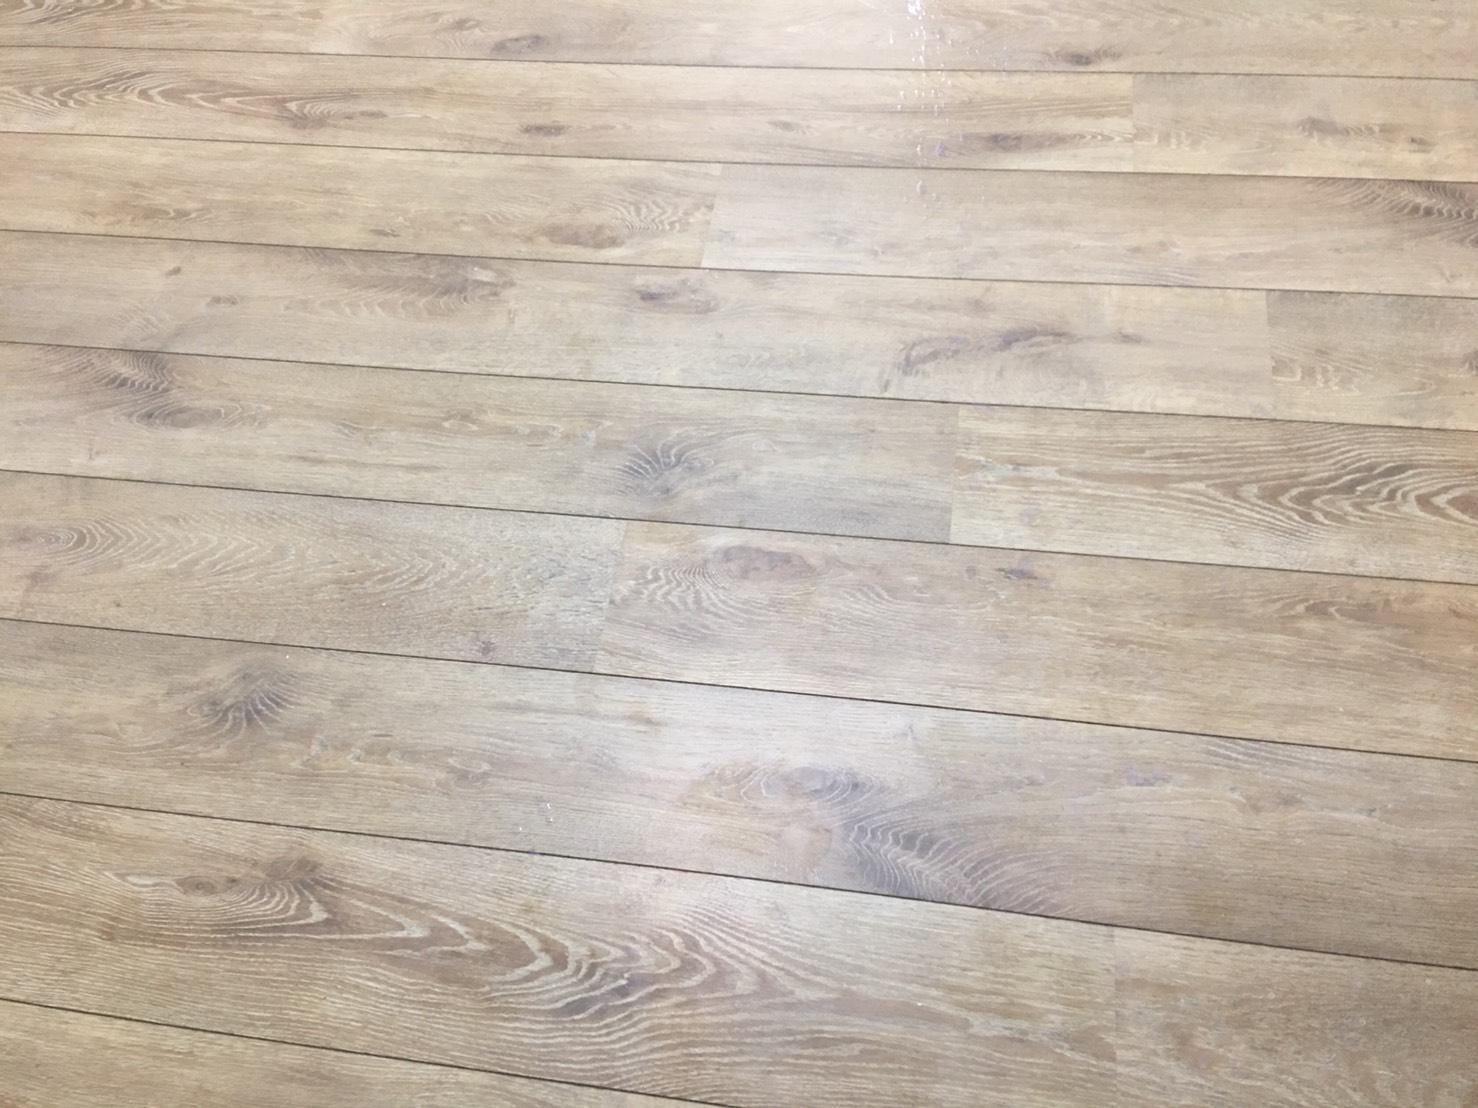 木質地板打蠟前.jpg